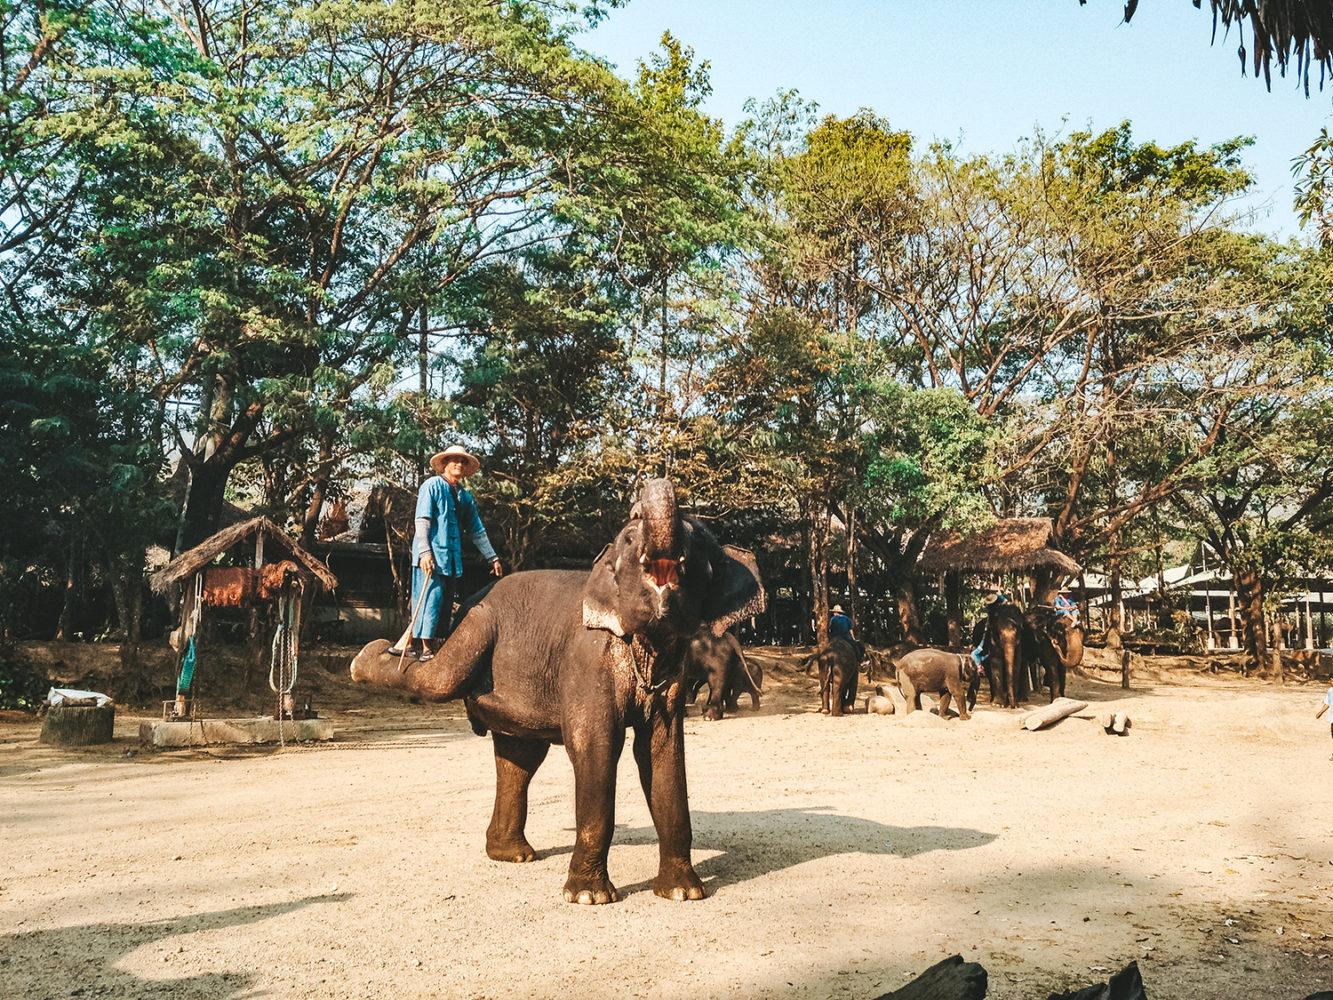 Le pied de l'éléphant est une zone très sensible